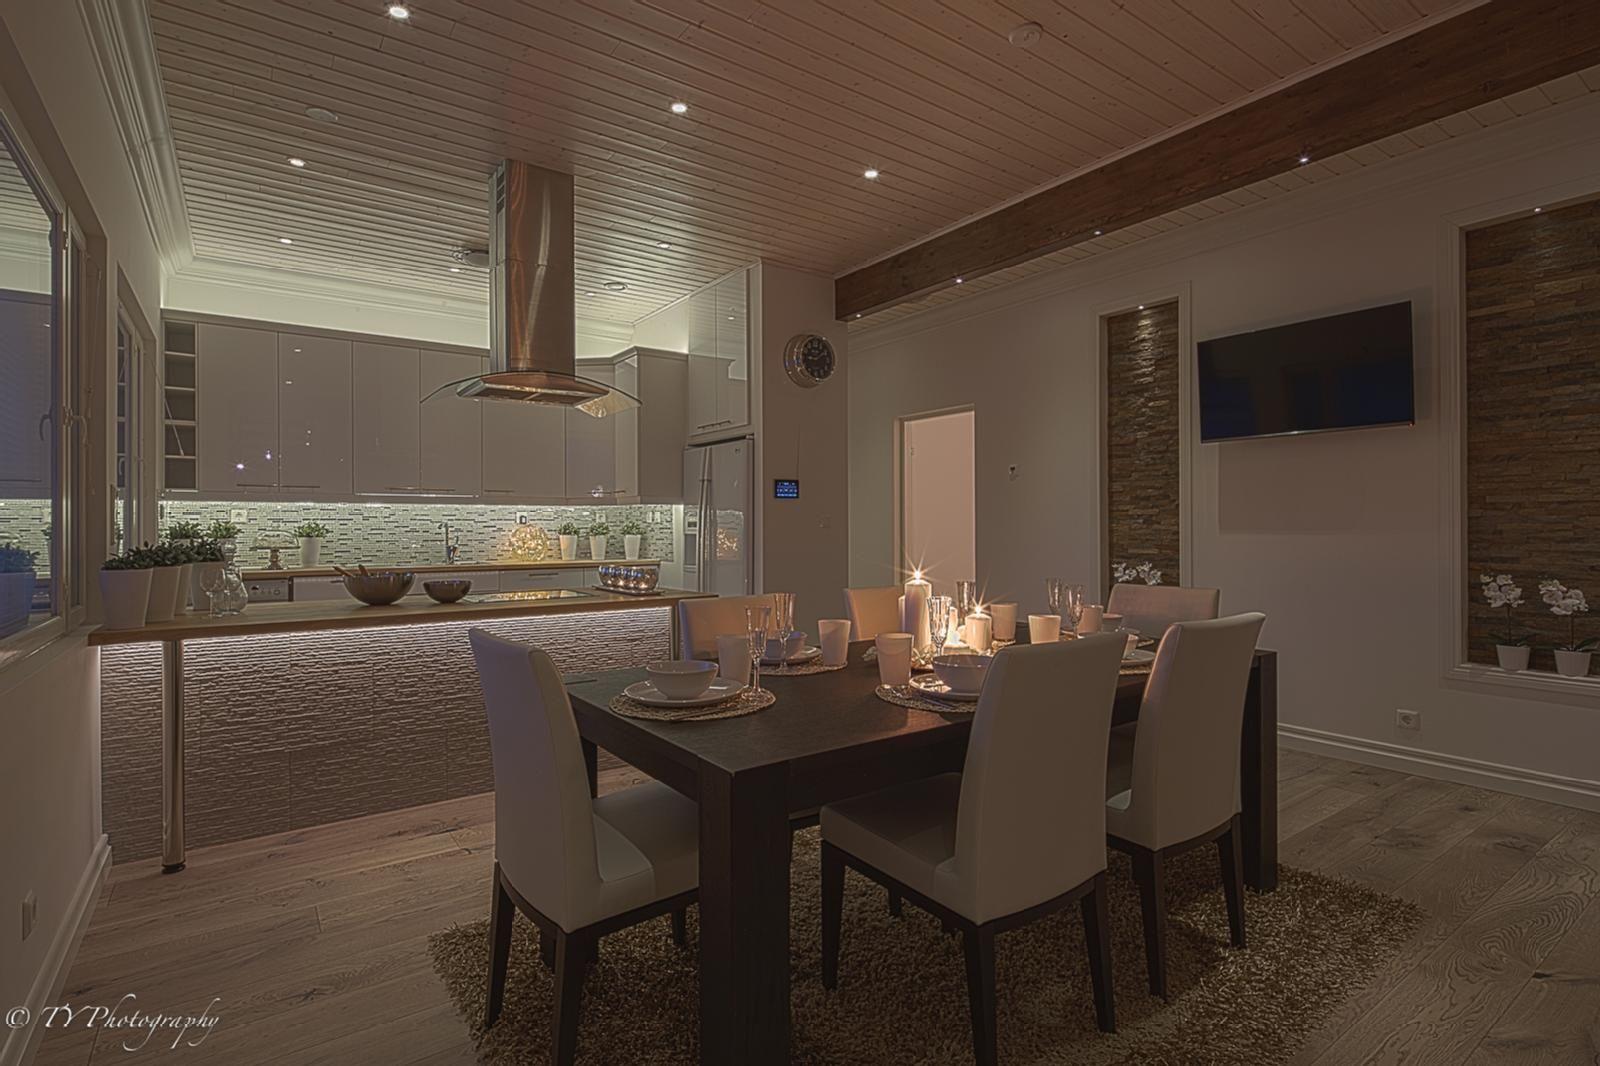 Myydään Omakotitalo Yli 5 huonetta - Tampere Lamminpää Lannemäentie 29 - Etuovi.com 9646369